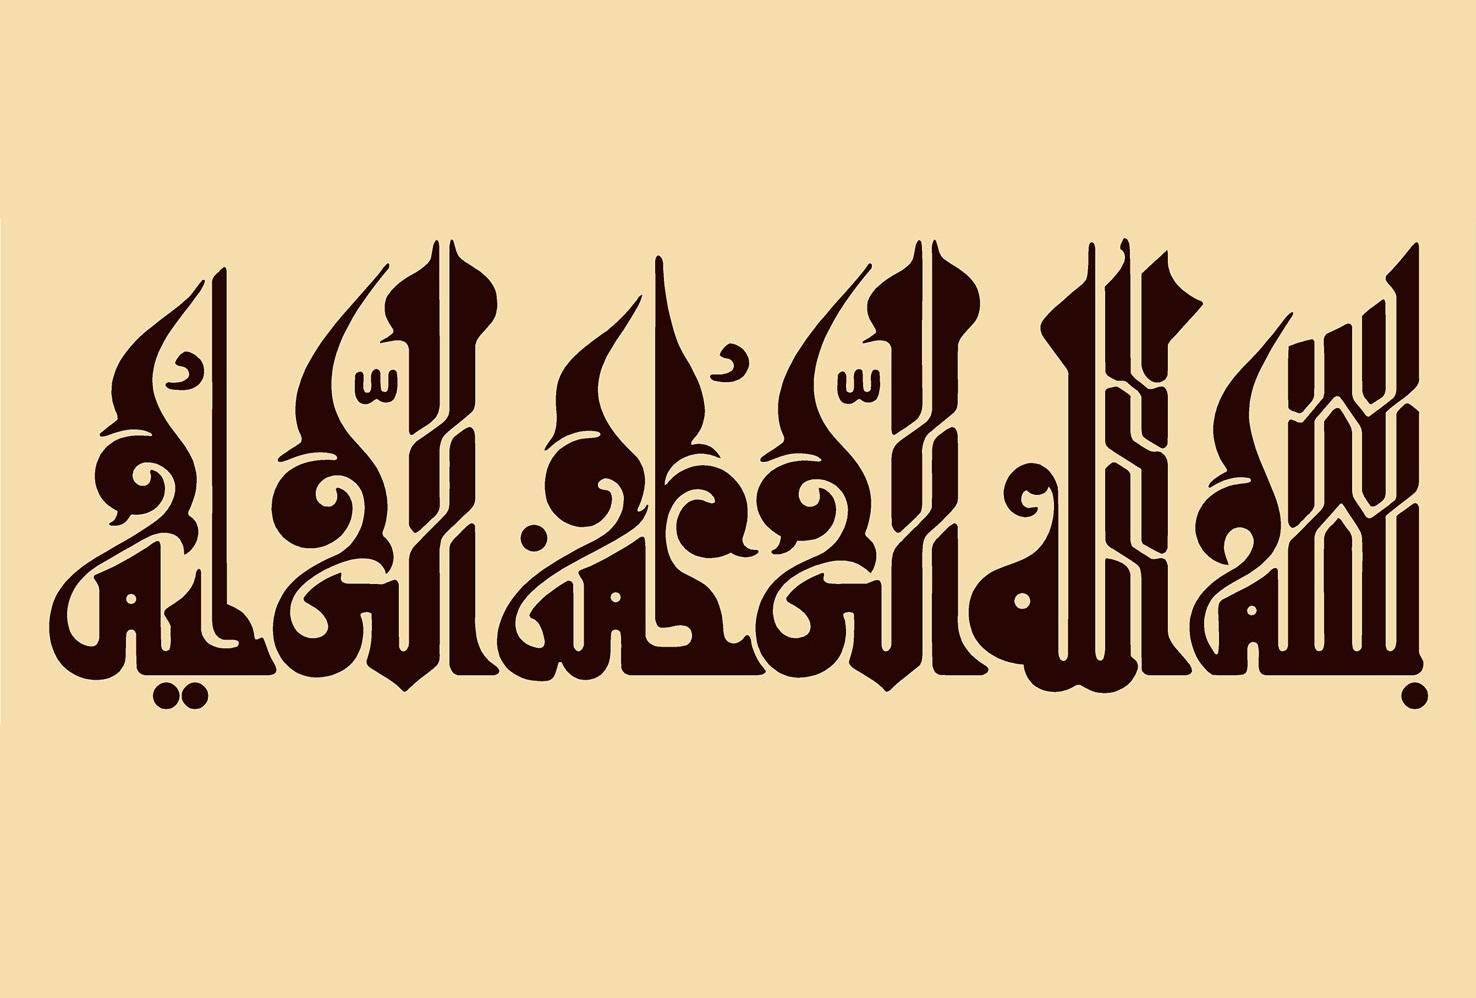 بسم الله الرحمن الرحیم Free DXF File